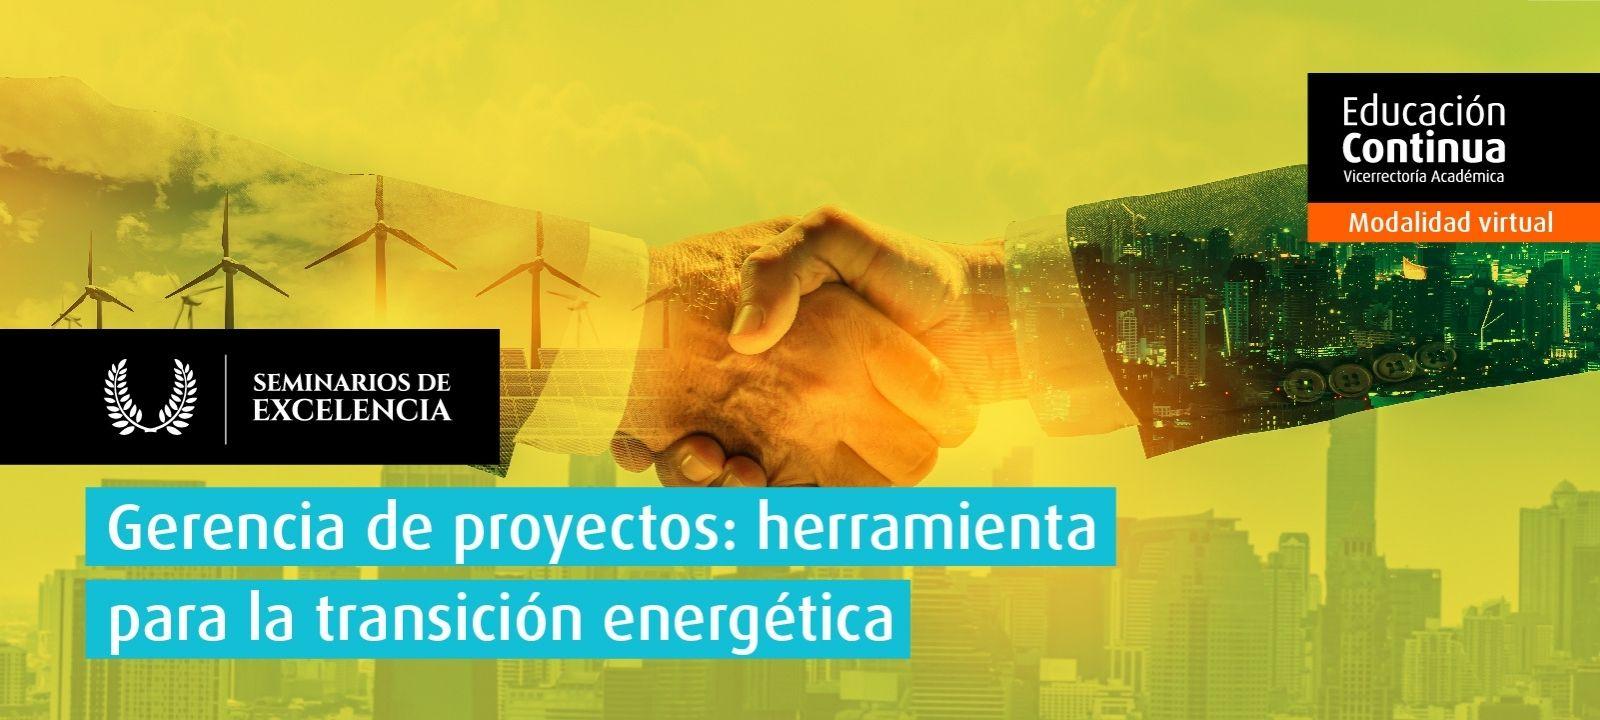 Curso virtual - Gerencia de proyectos: herramienta para la transición energética